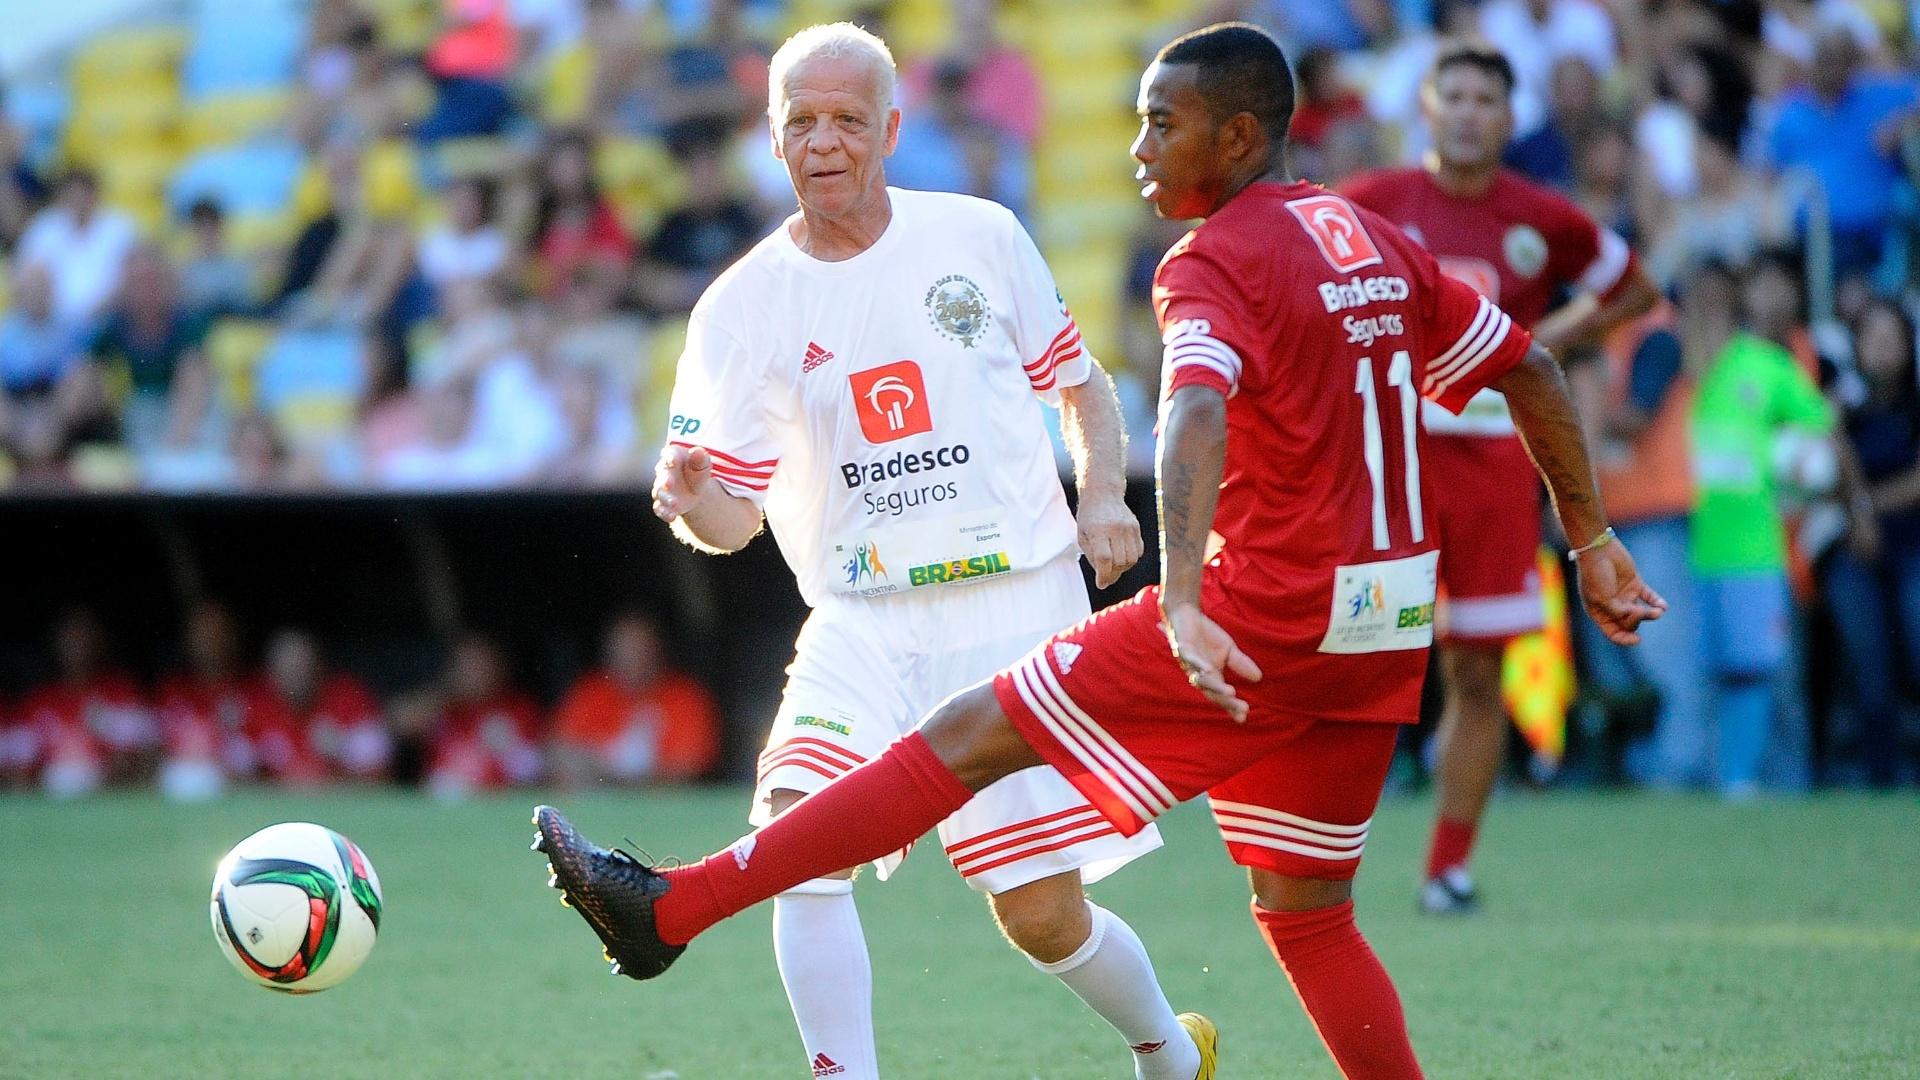 Ademir da Guia (branco) e Robinho (vermelho) se enfrentam no Jogo das Estrelas 2014